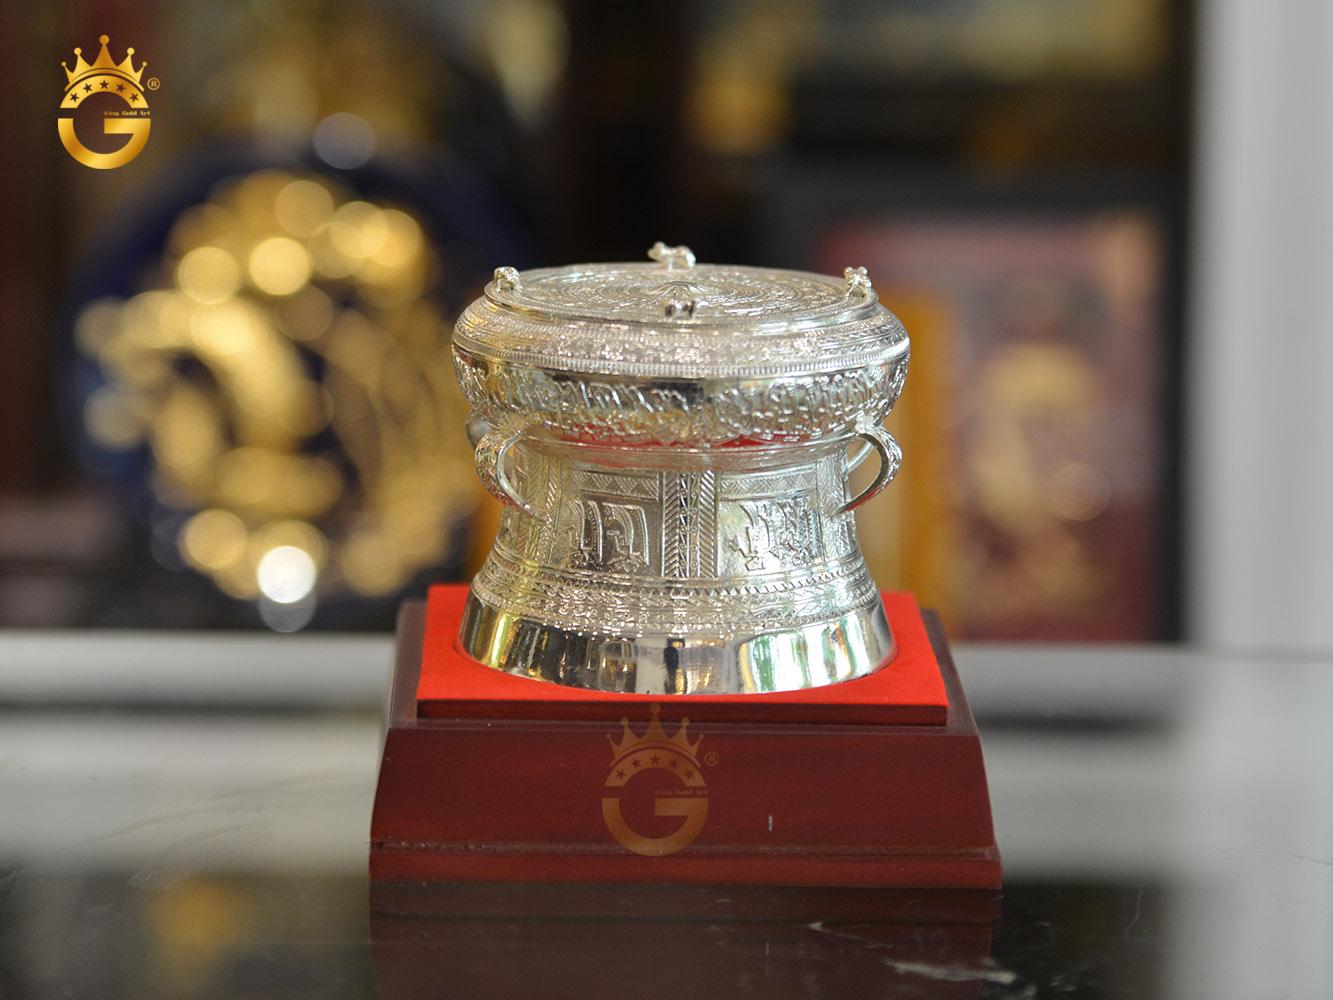 Quà tặng trống đồng mạ bạc, quà tặng đối tác nước ngoài ý nghĩa